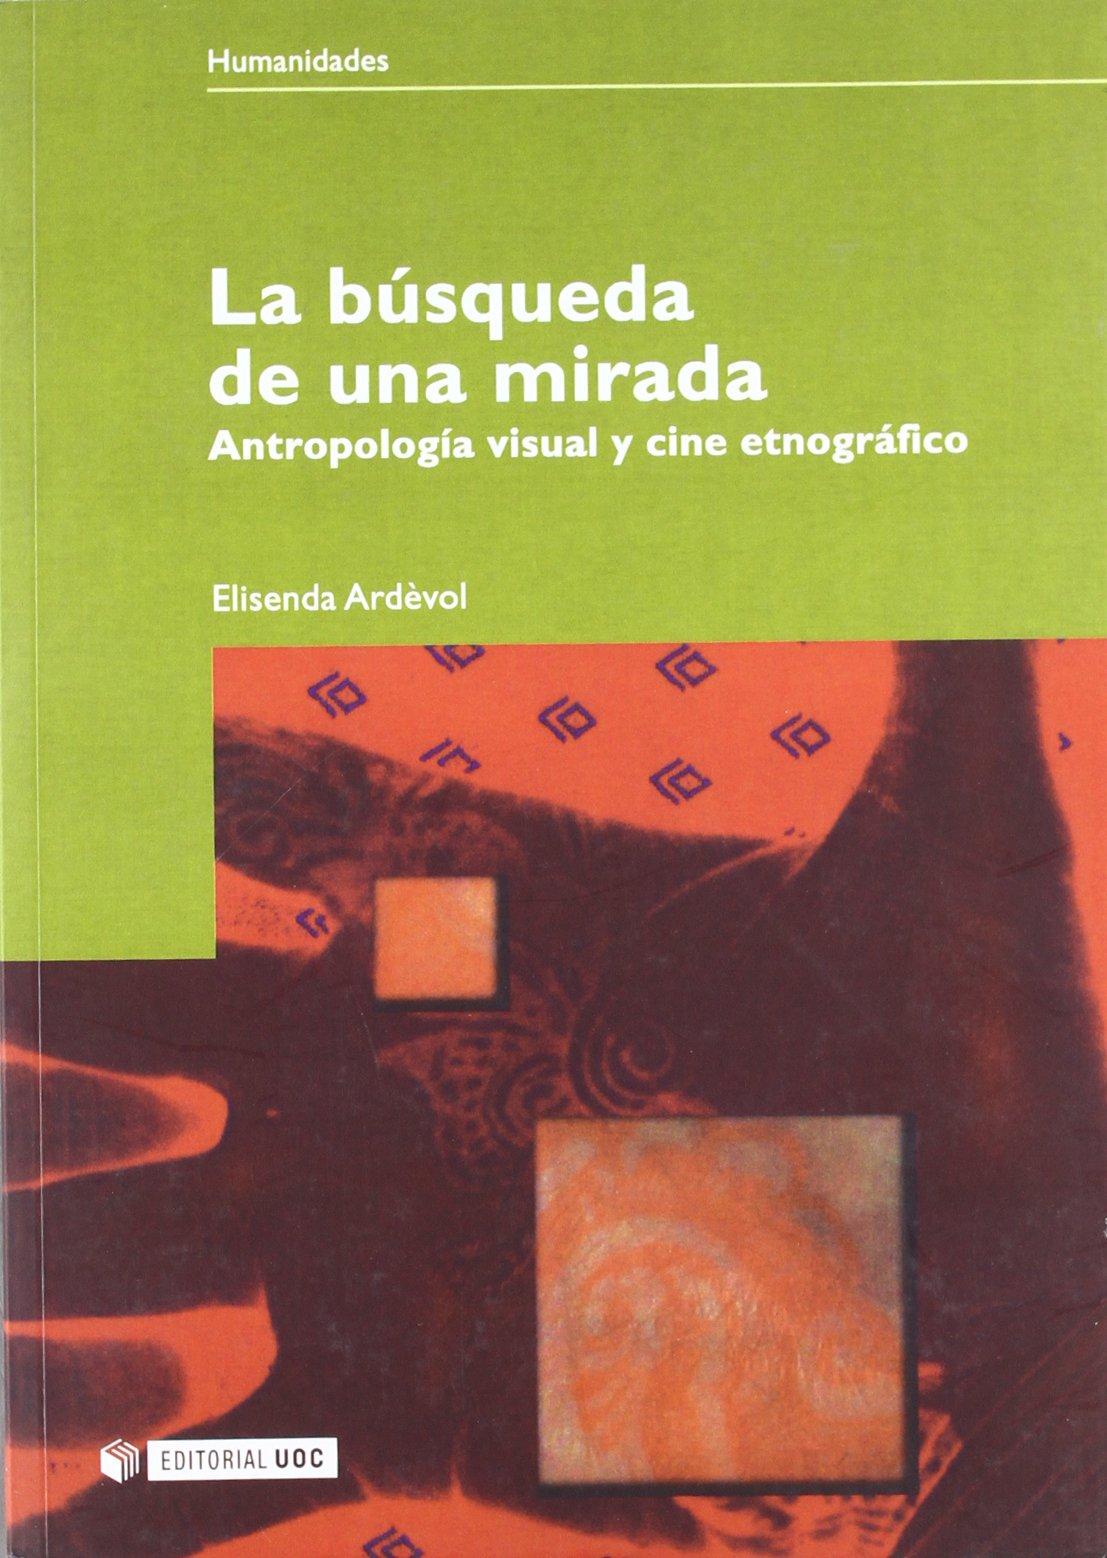 La búsqueda de una mirada: Antropología visual y cine etnográfico (Manuales) Tapa blanda – 1 ene 2006 Elisenda Ardèvol Piera Editorial UOC S.L. 8497885287